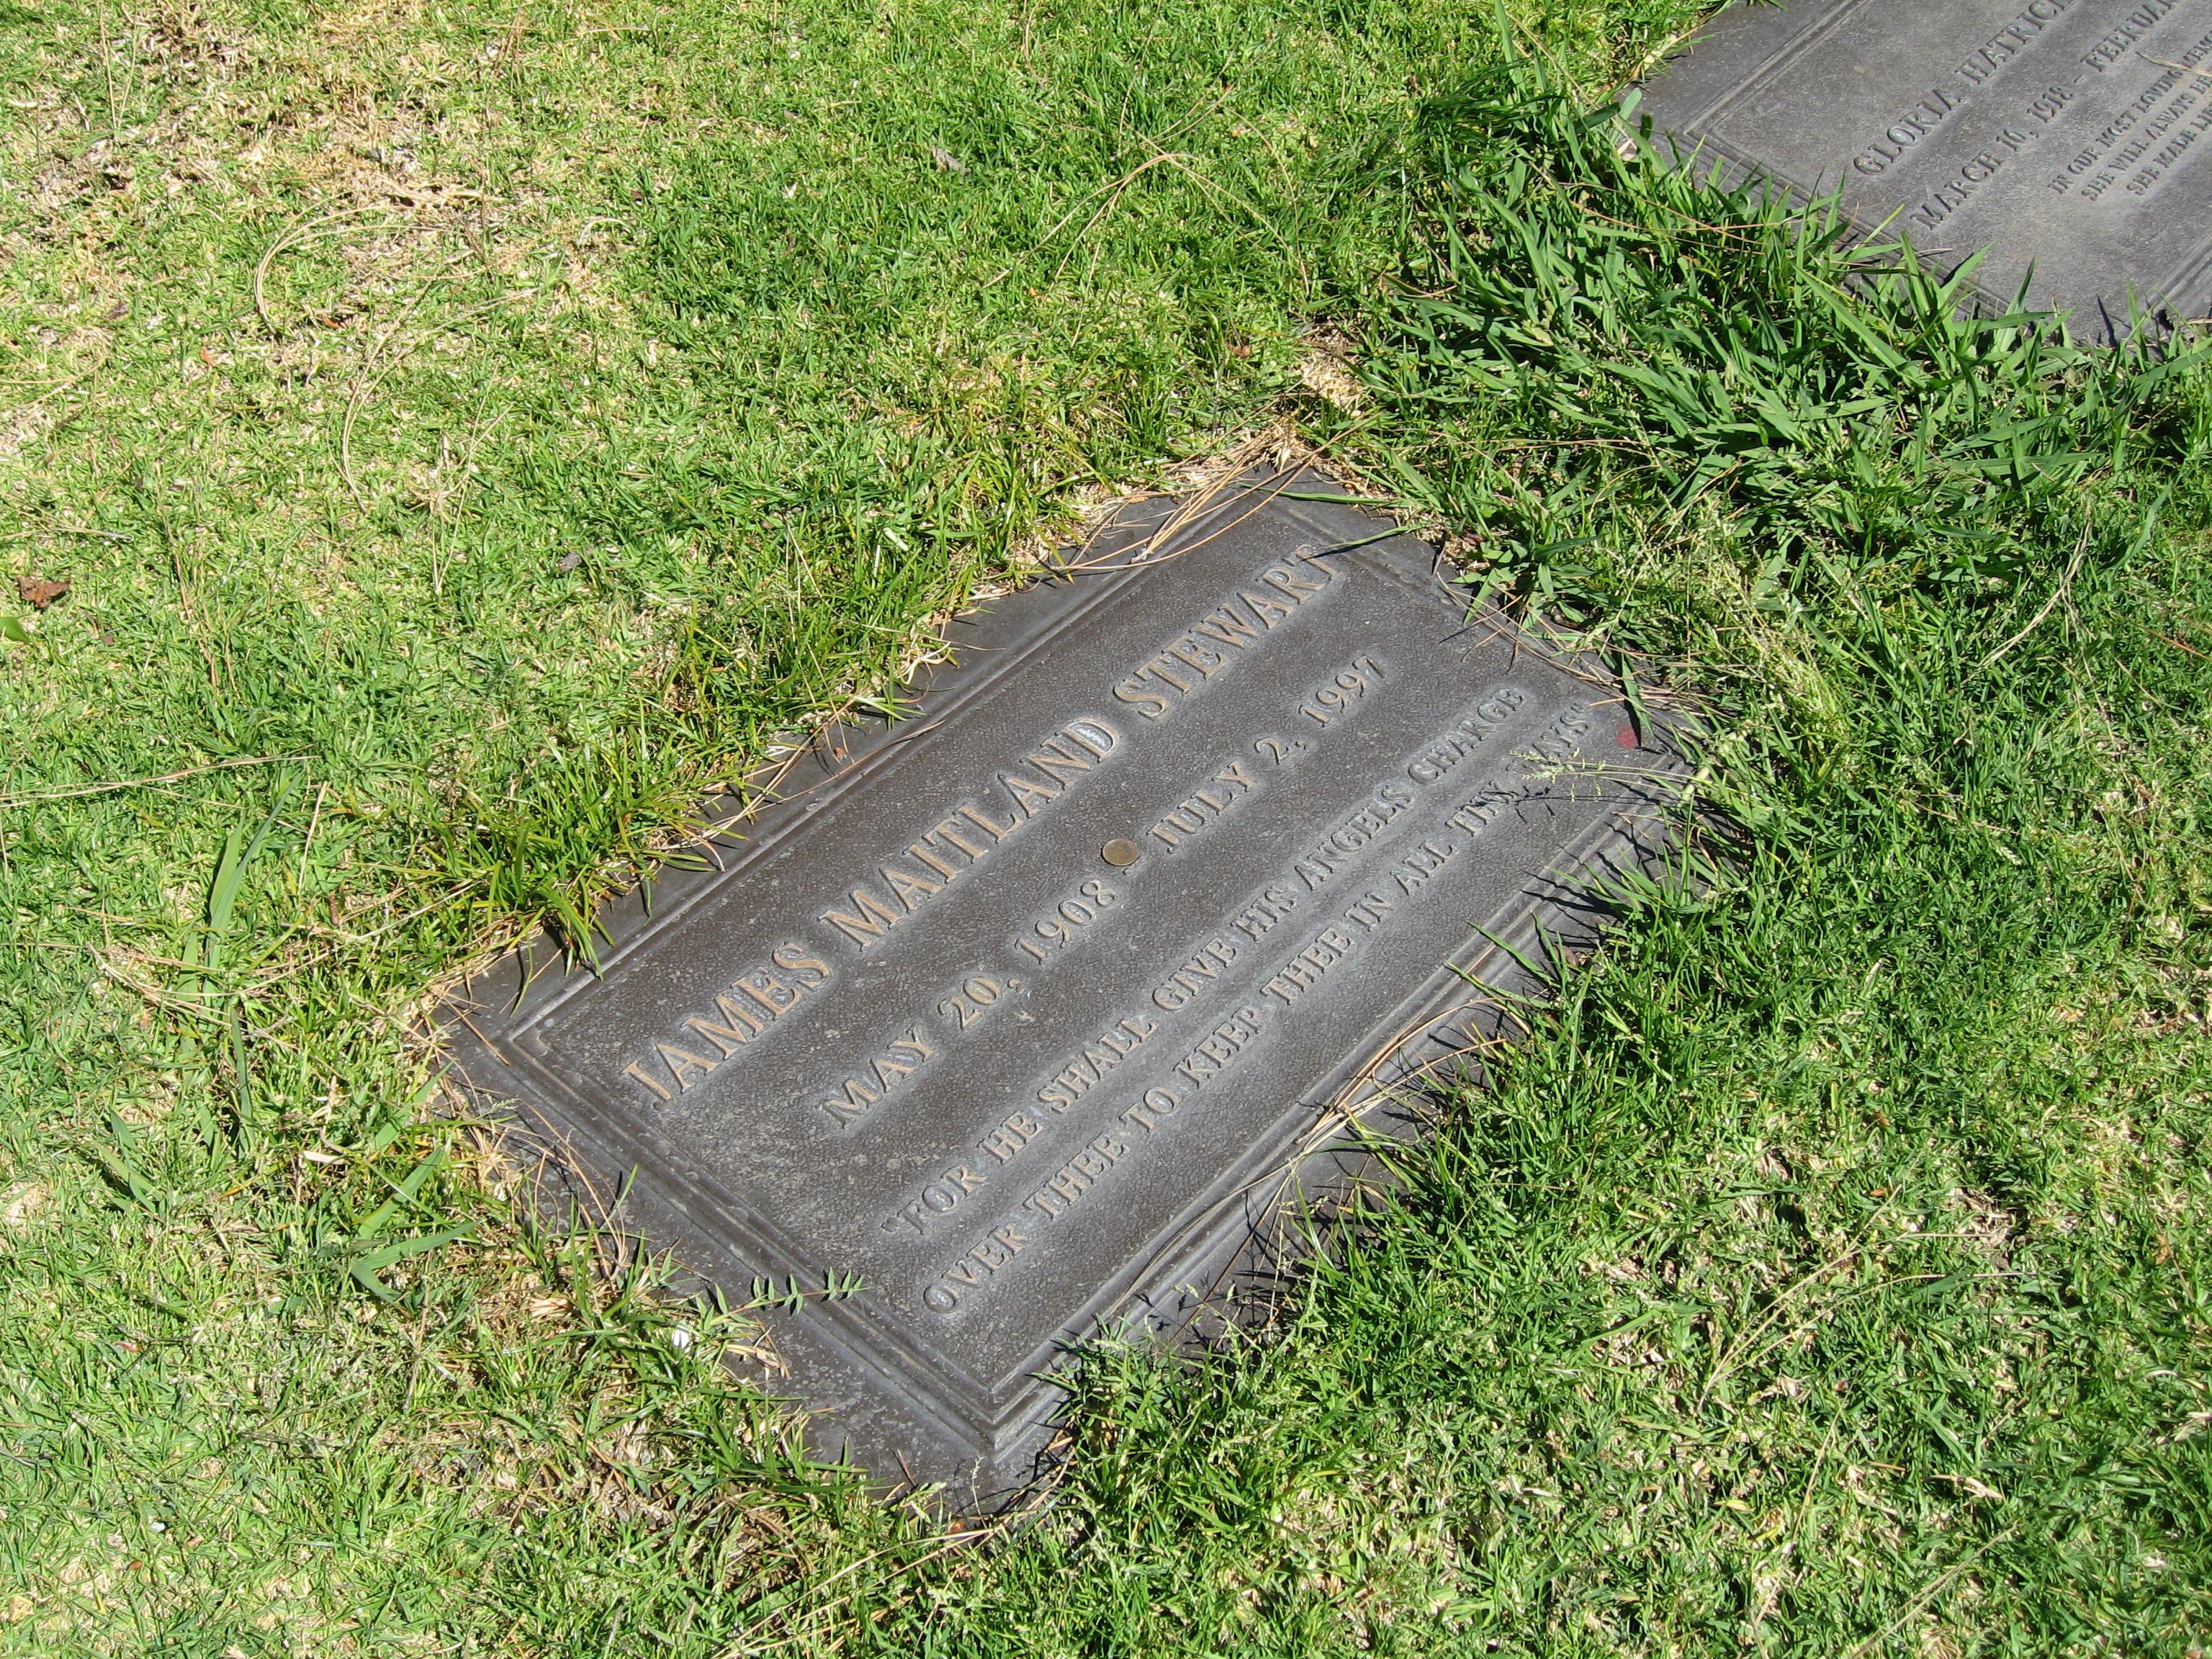 L.A. Jimmy Stewart grave